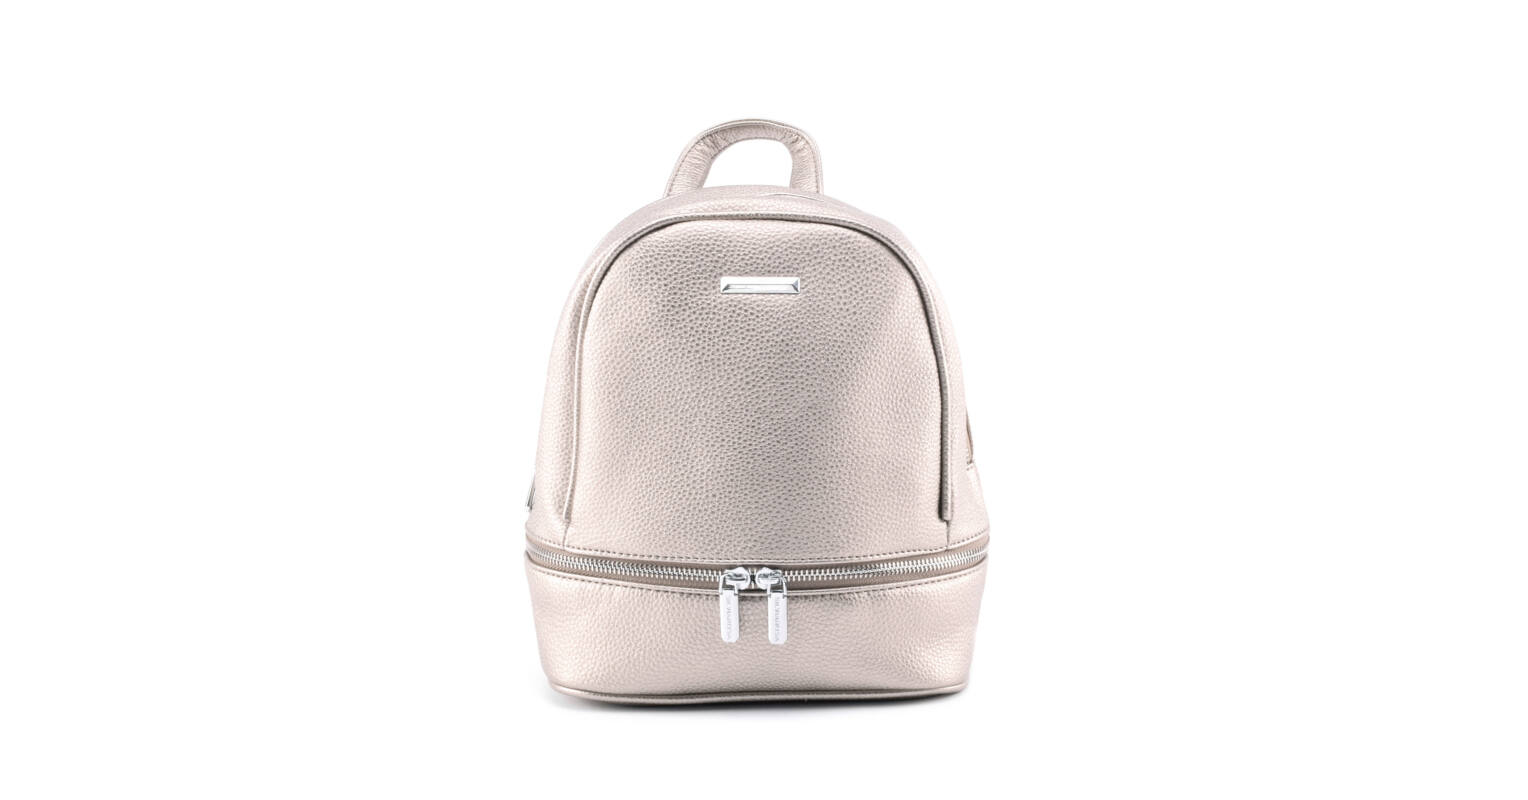 9442ea8e44db Silvia Rosa ezüstös cipzáras női műbőr hátizsák - Műbőr - Táska webáruház -  Minőségi táskák mindenkinek